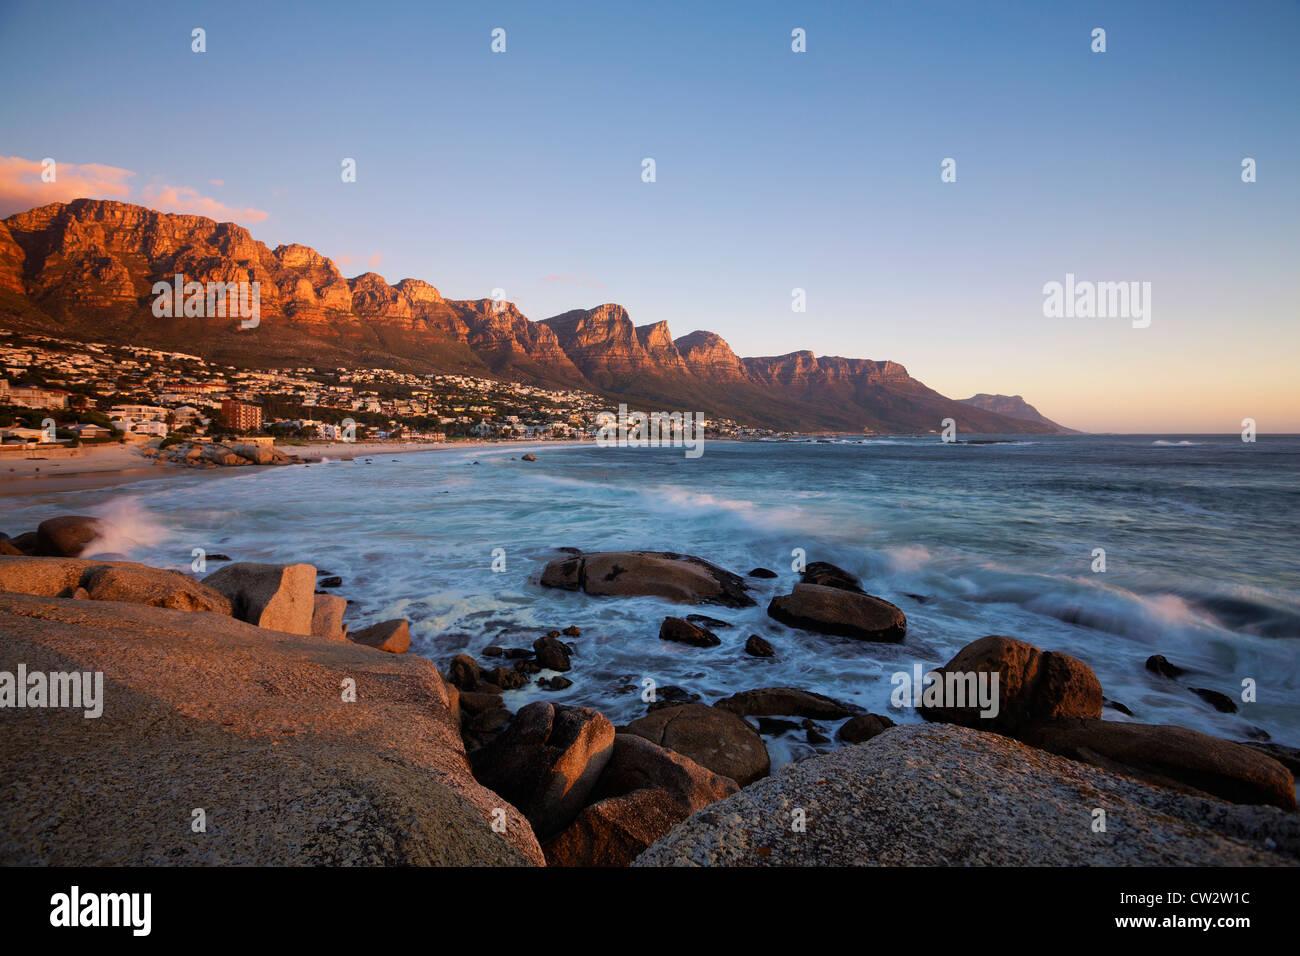 La playa de Camps Bay con vistas de las montañas de los Doce Apóstoles.Ciudad del Cabo, Sudáfrica. Imagen De Stock